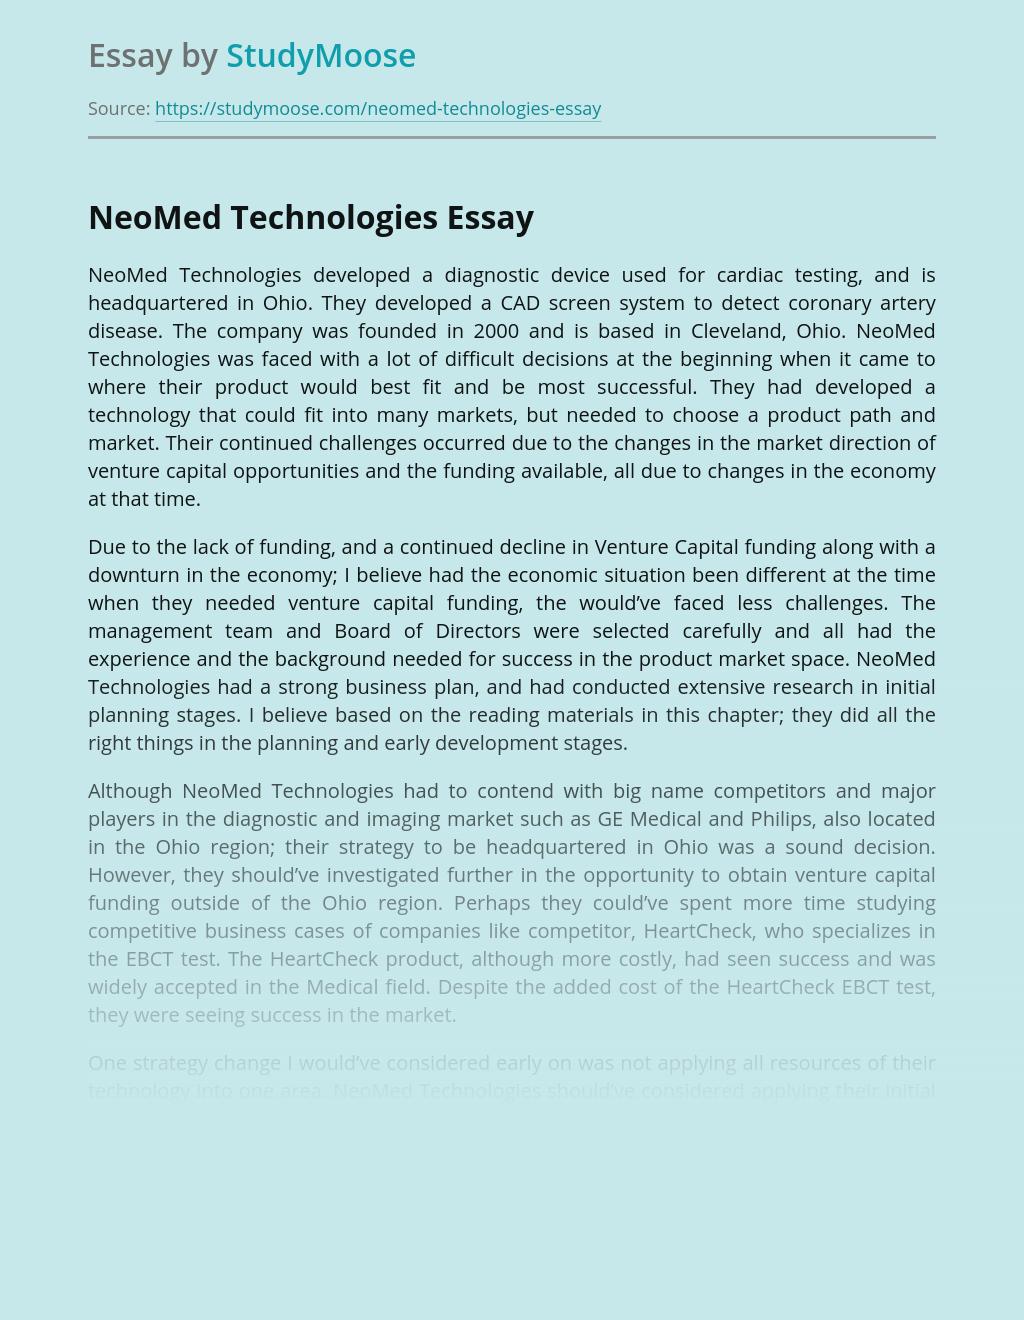 NeoMed Technologies